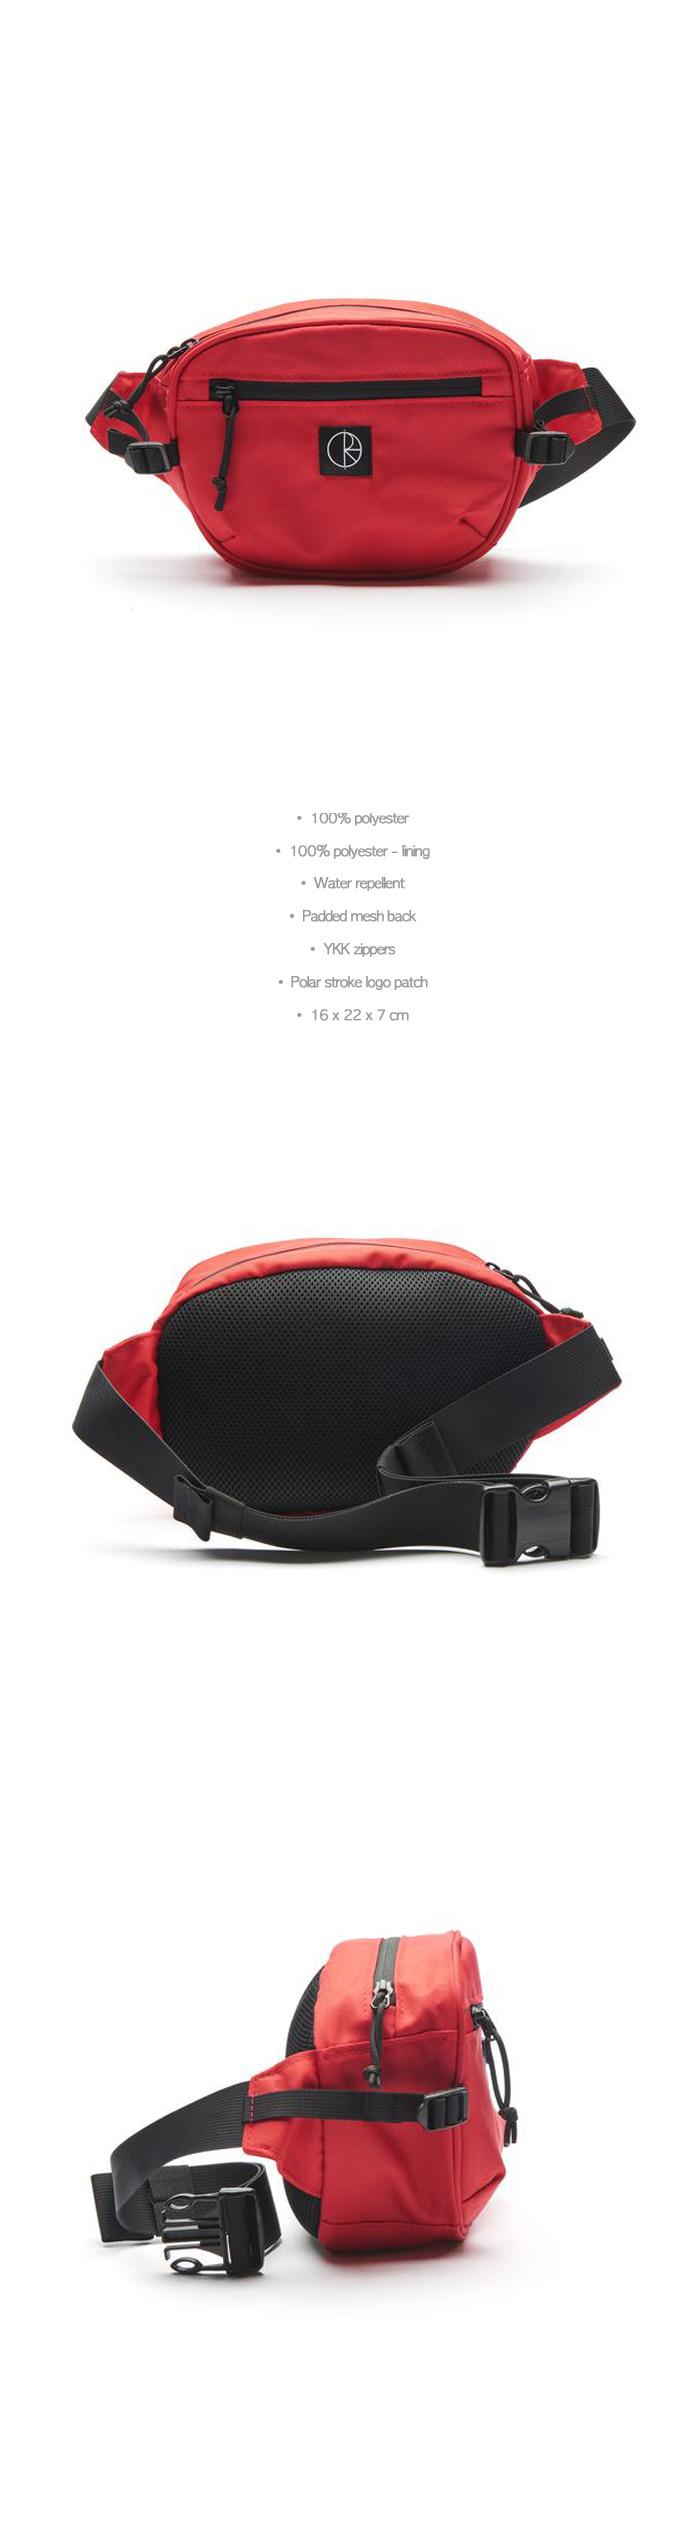 폴라(POLAR) Cordura Hip Bag - Red